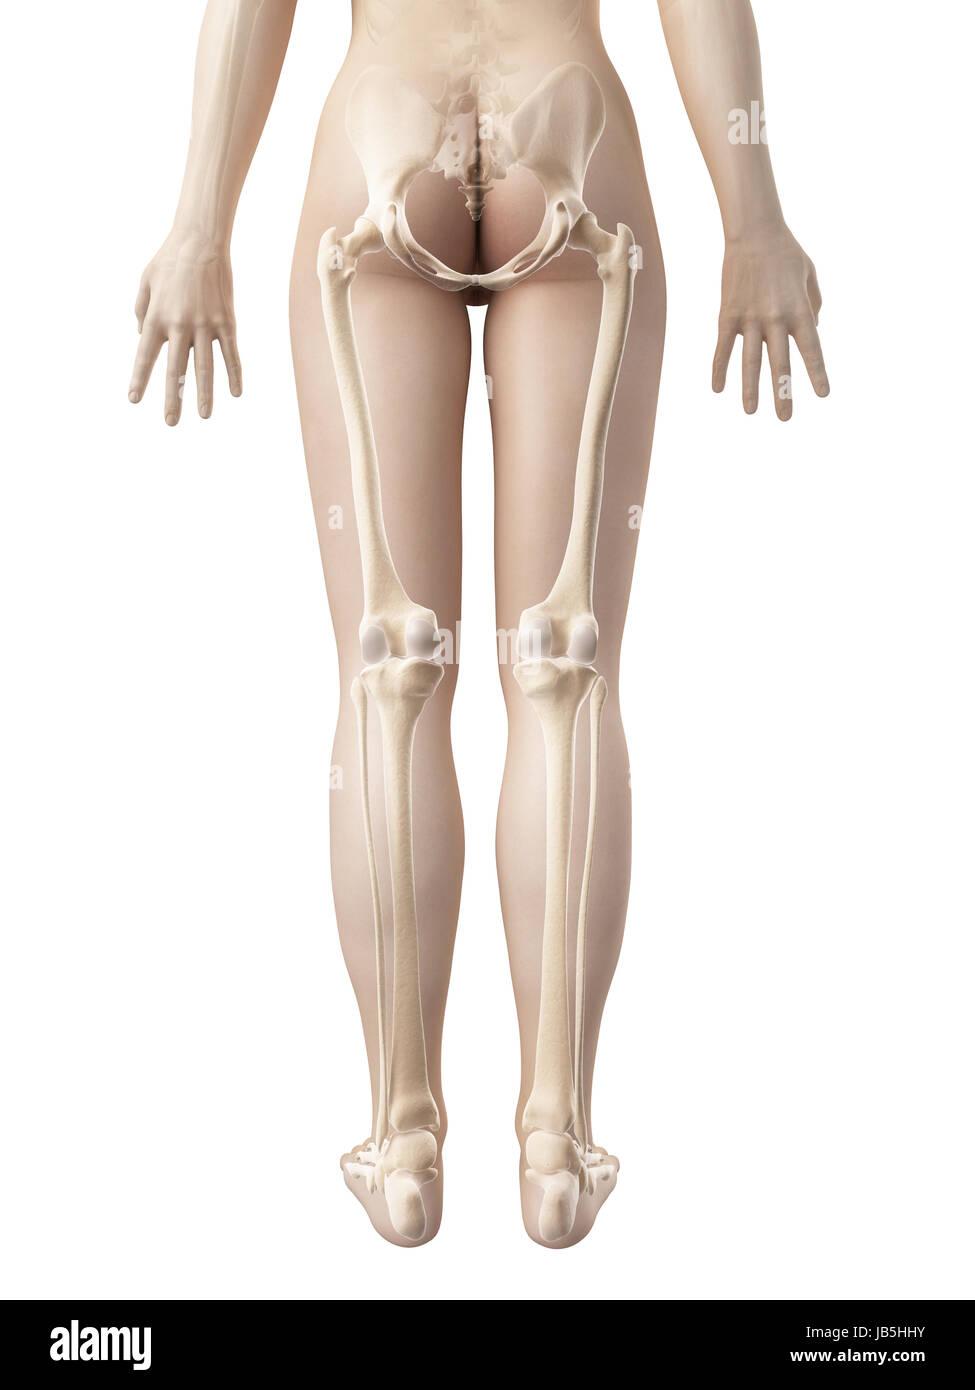 Los huesos de la pierna femenina Foto & Imagen De Stock: 144567751 ...